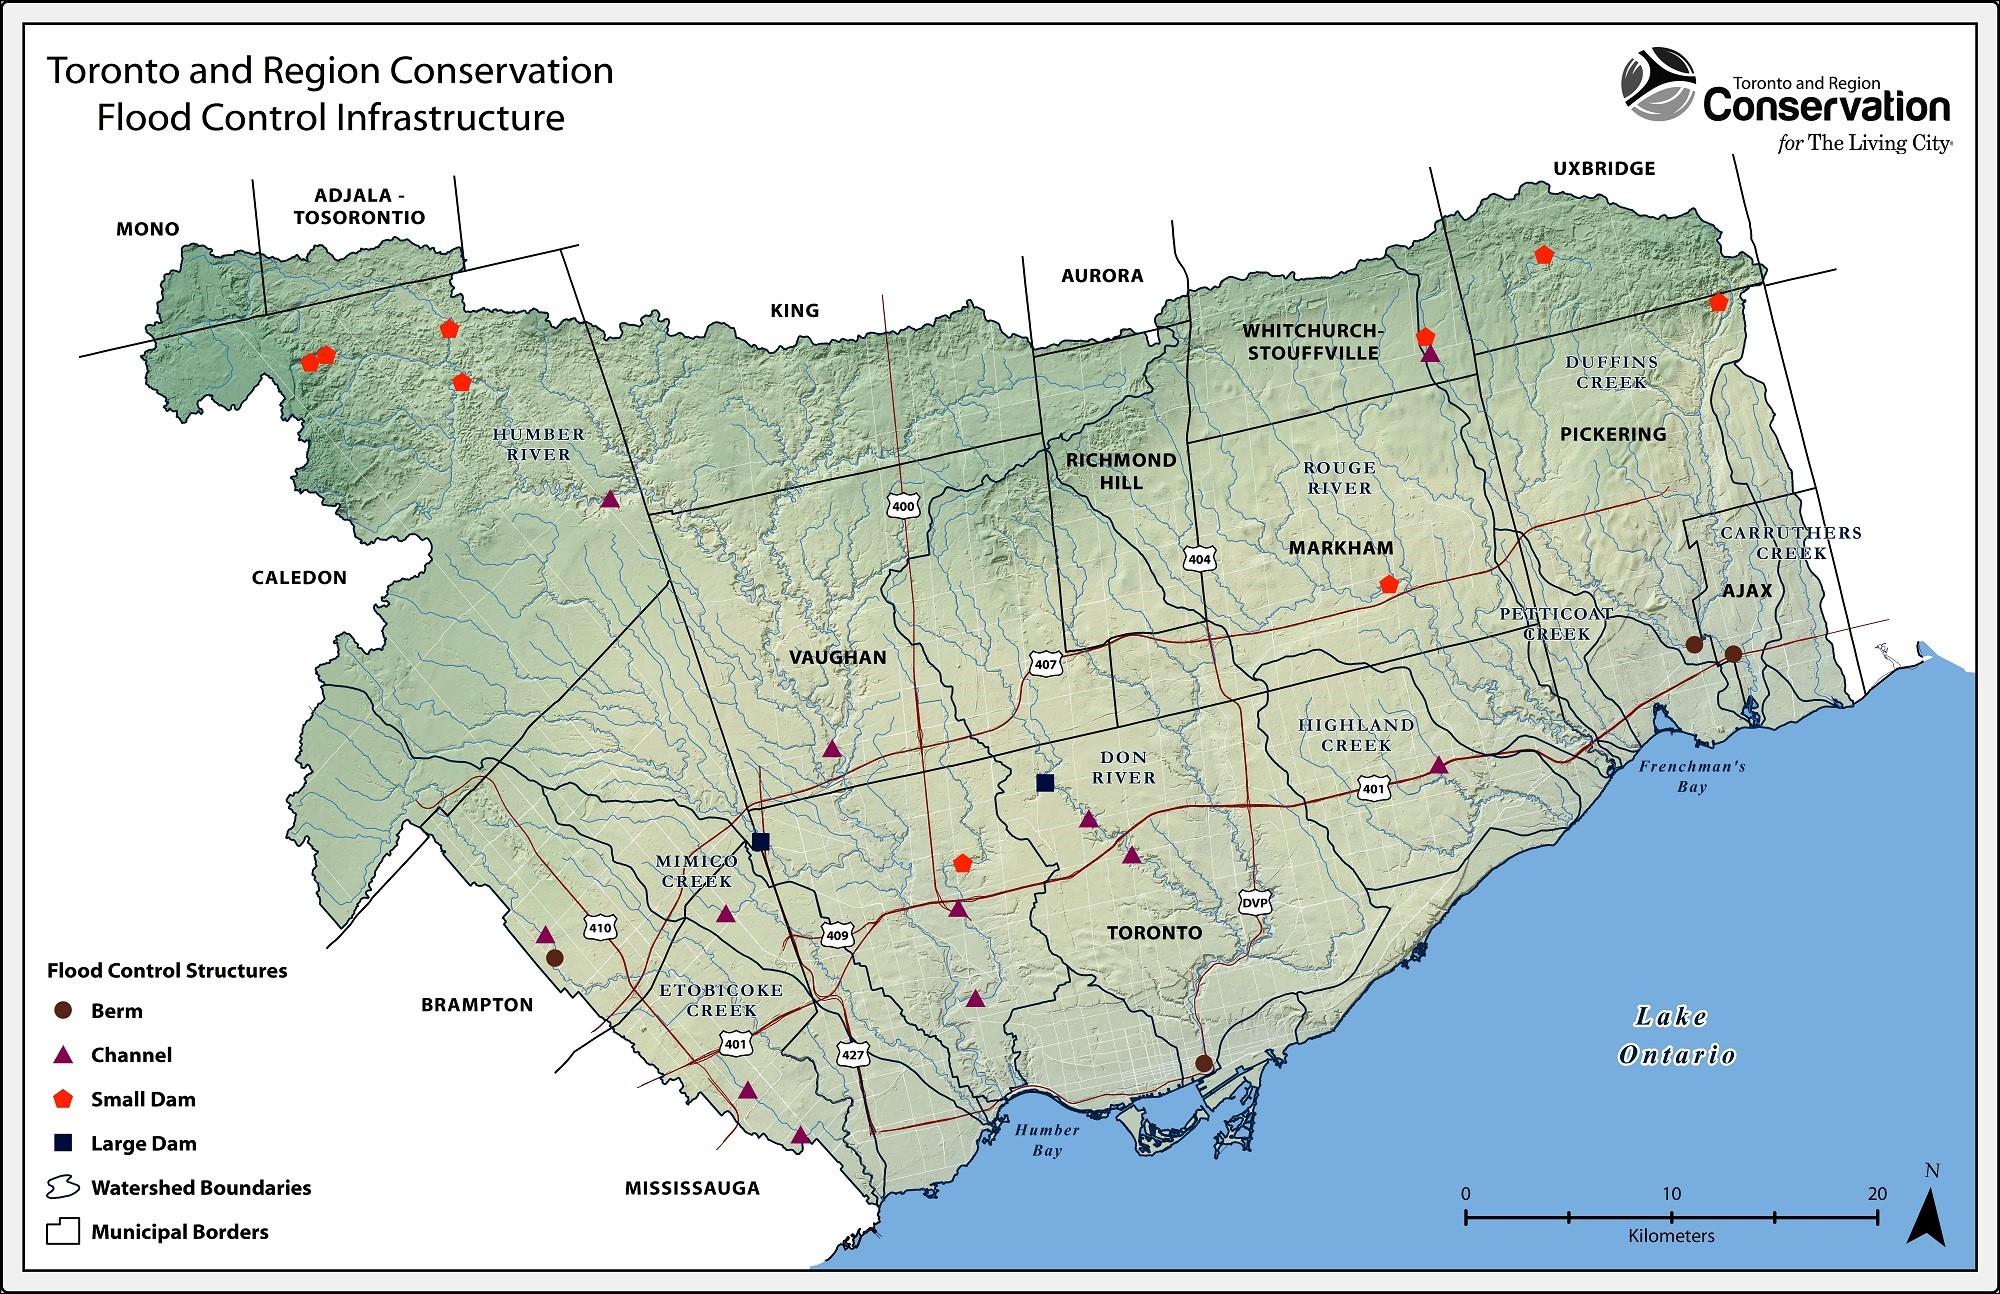 TRCA Flood Control Map